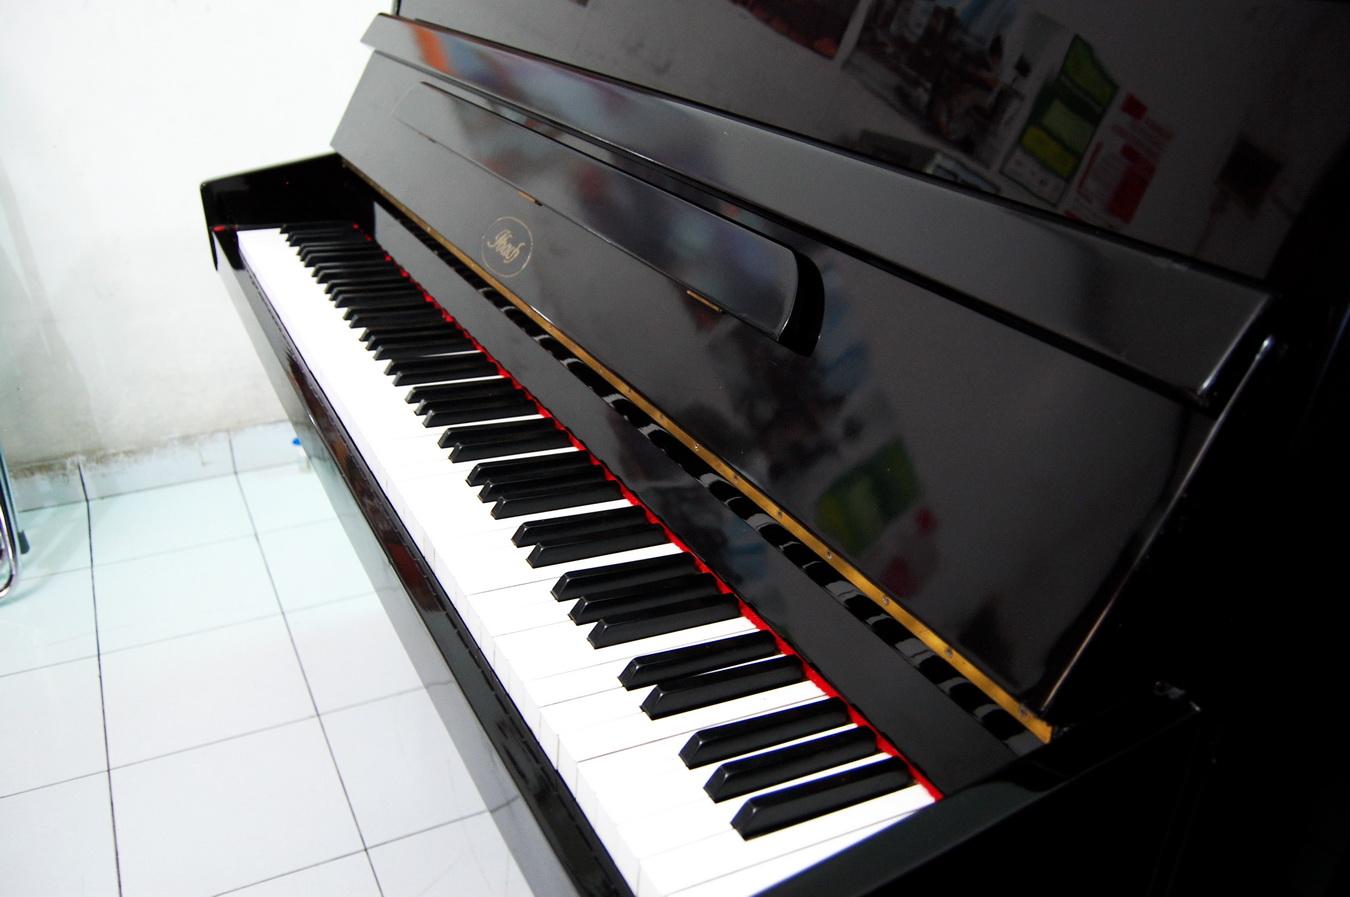 Jual Piano Bekas Kondisi Prima Piano Ukuran Medium Buatan